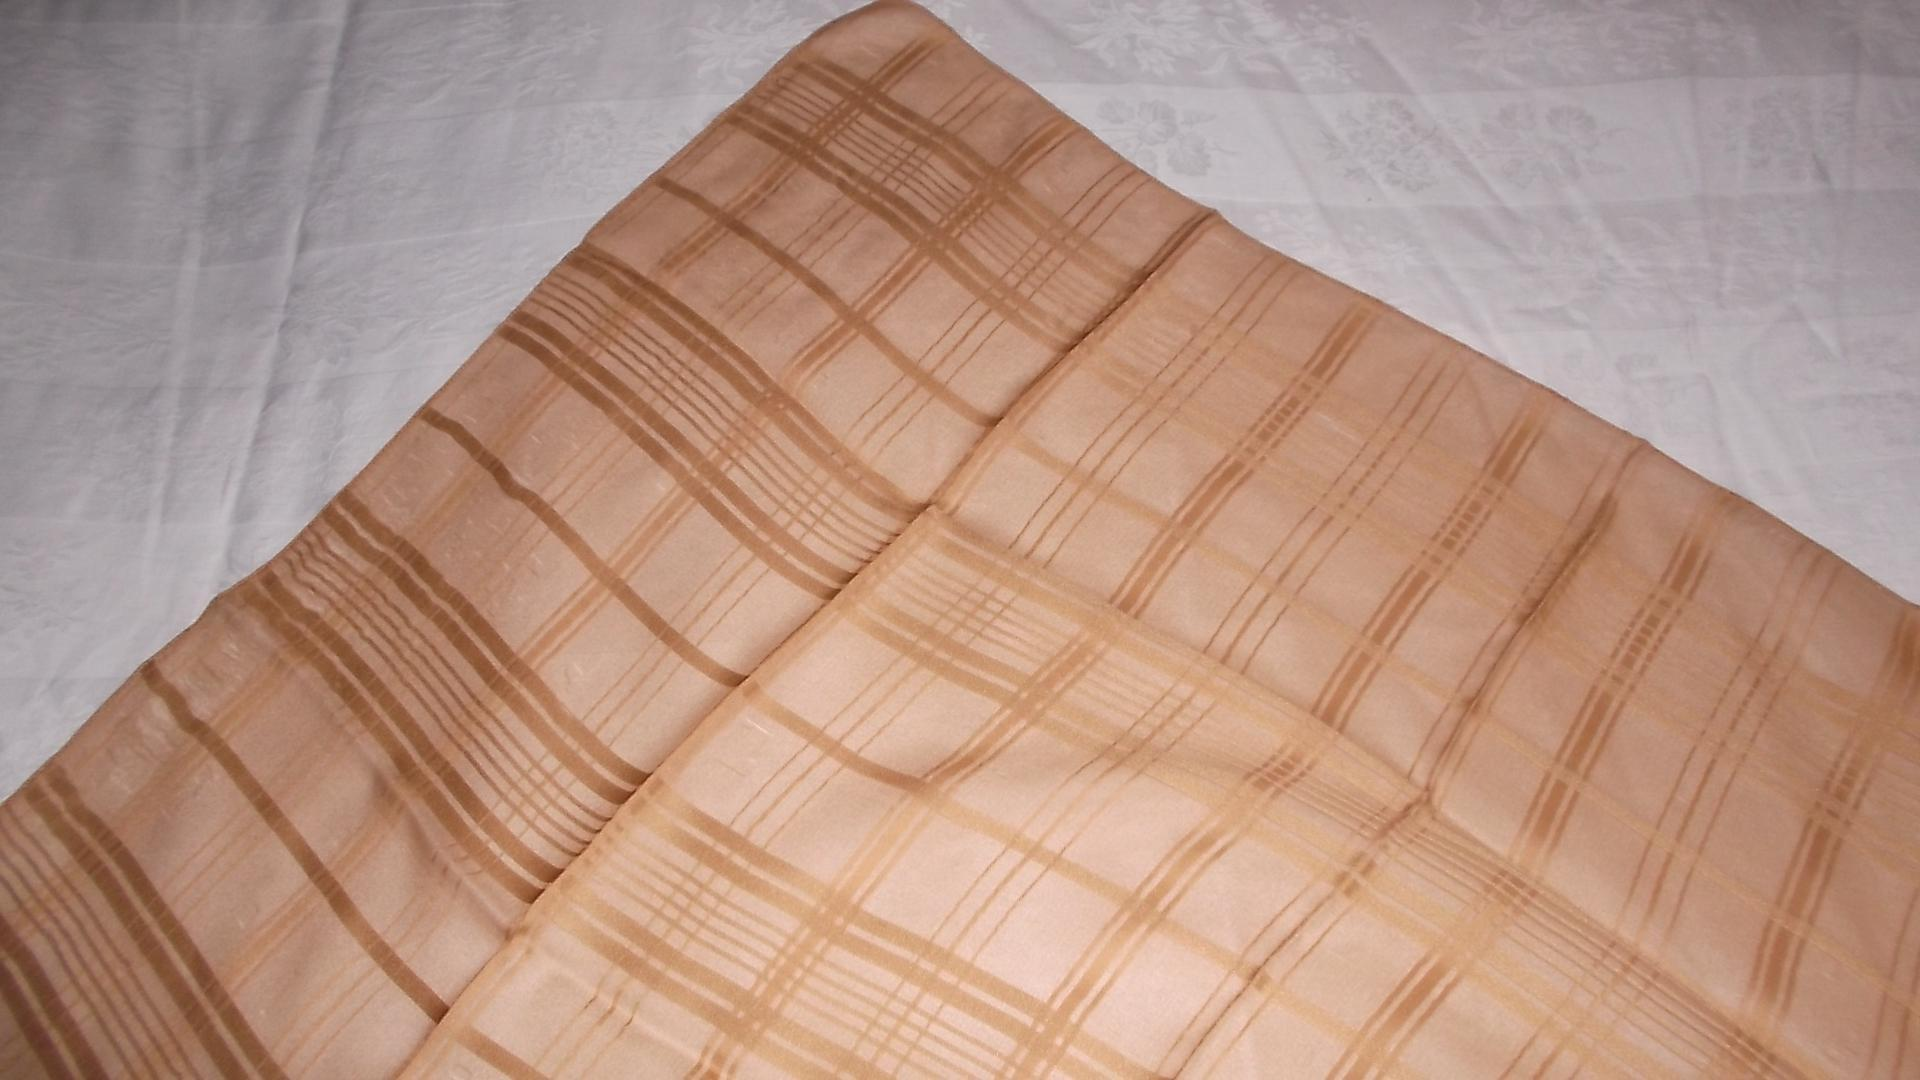 troc de troc foulard image 0